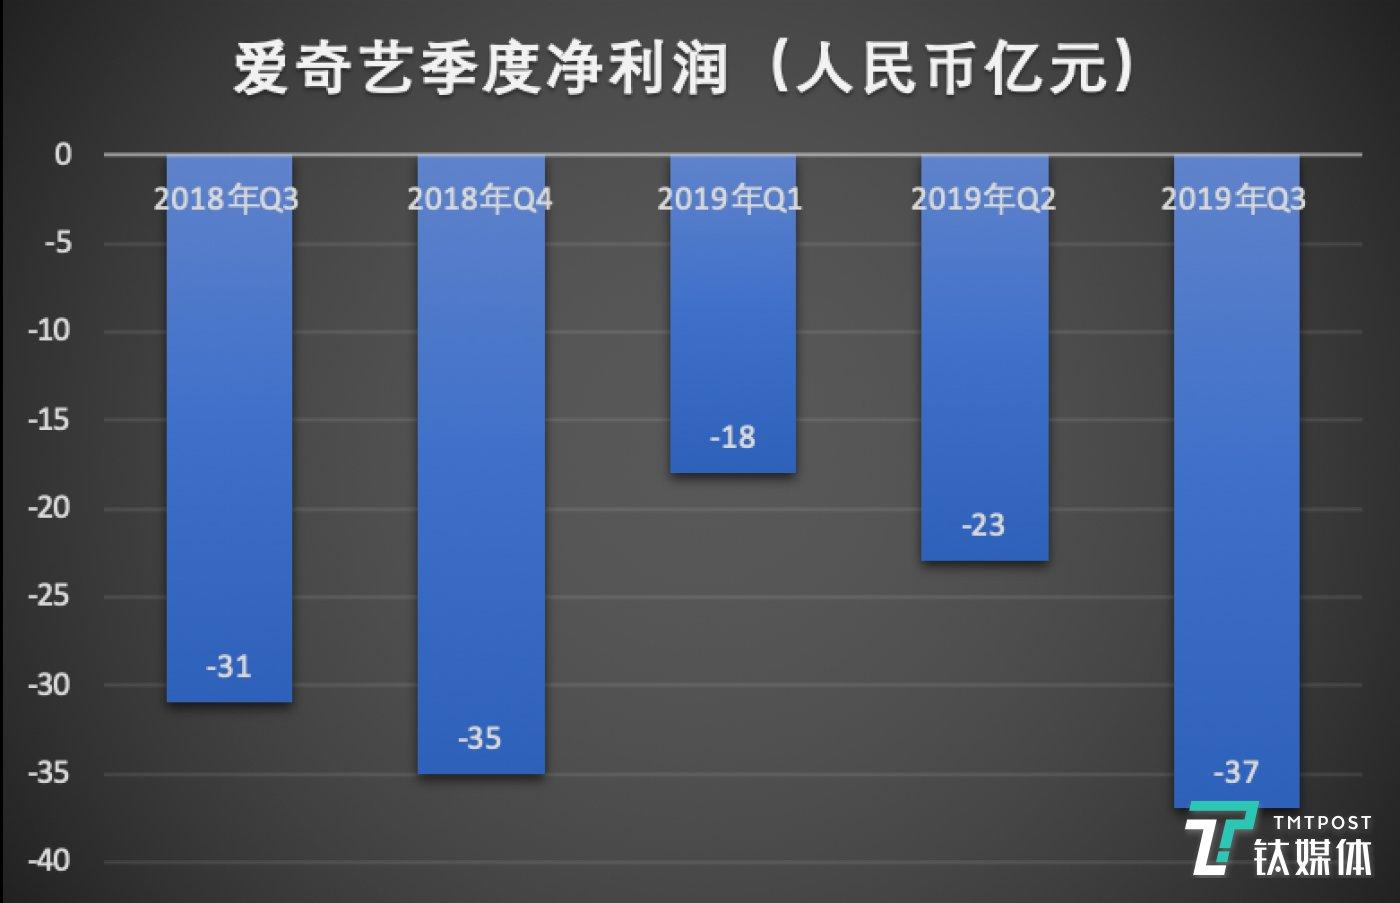 爱奇艺季度净利润(制图/钛媒体李程程)